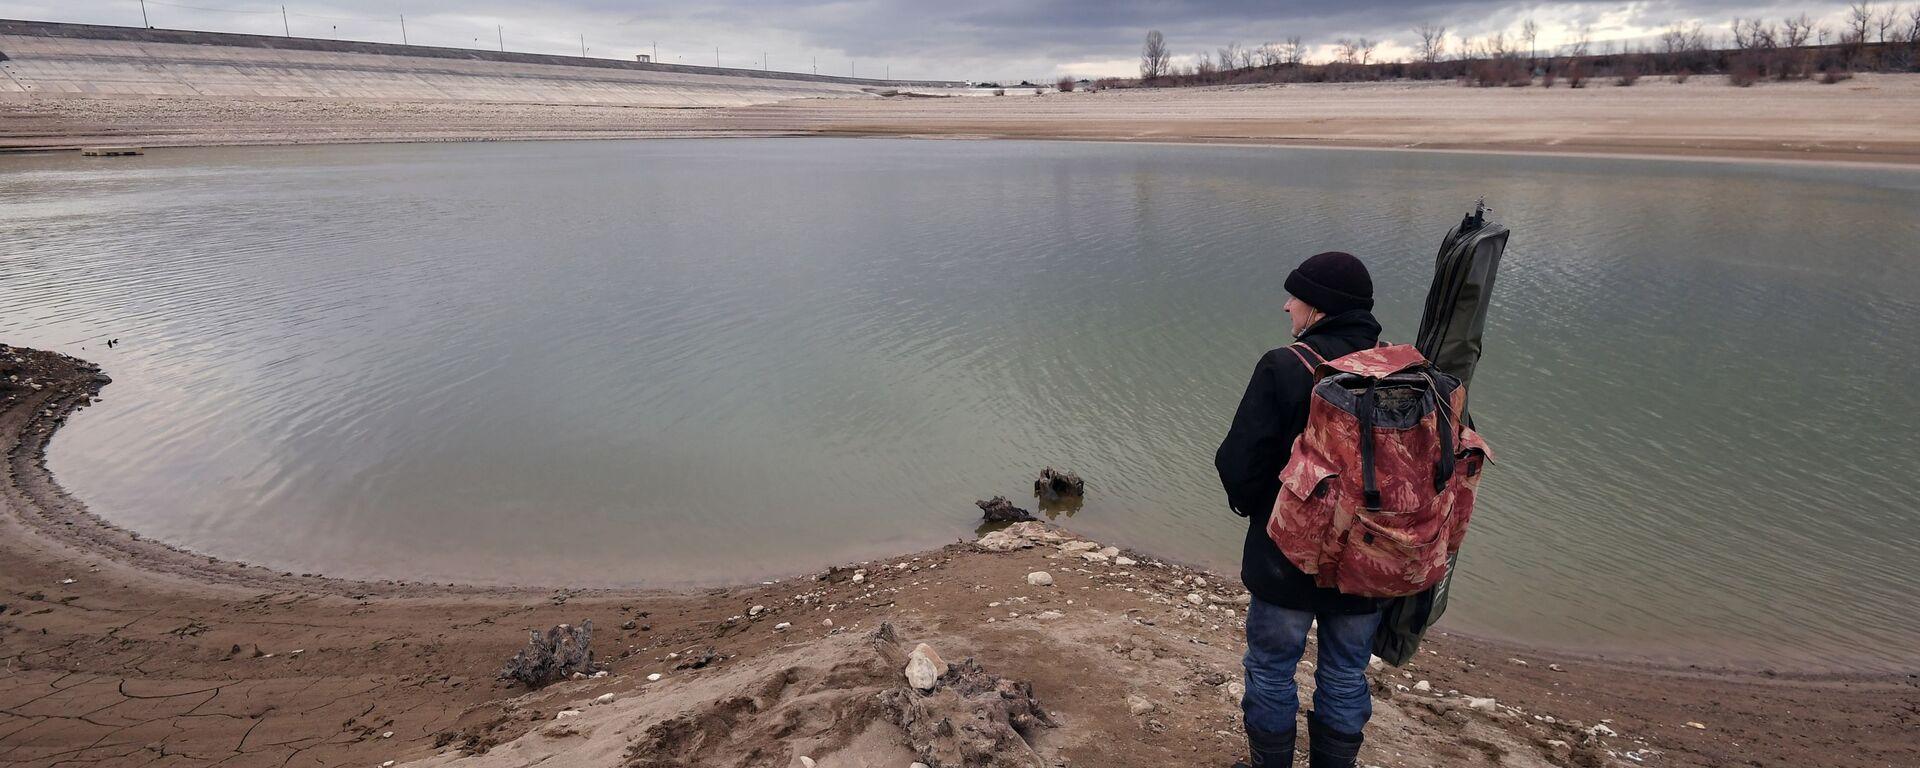 Rybak przy zbiorniku wodnym w regionie Symferopola na Krymie - Sputnik Polska, 1920, 22.03.2021